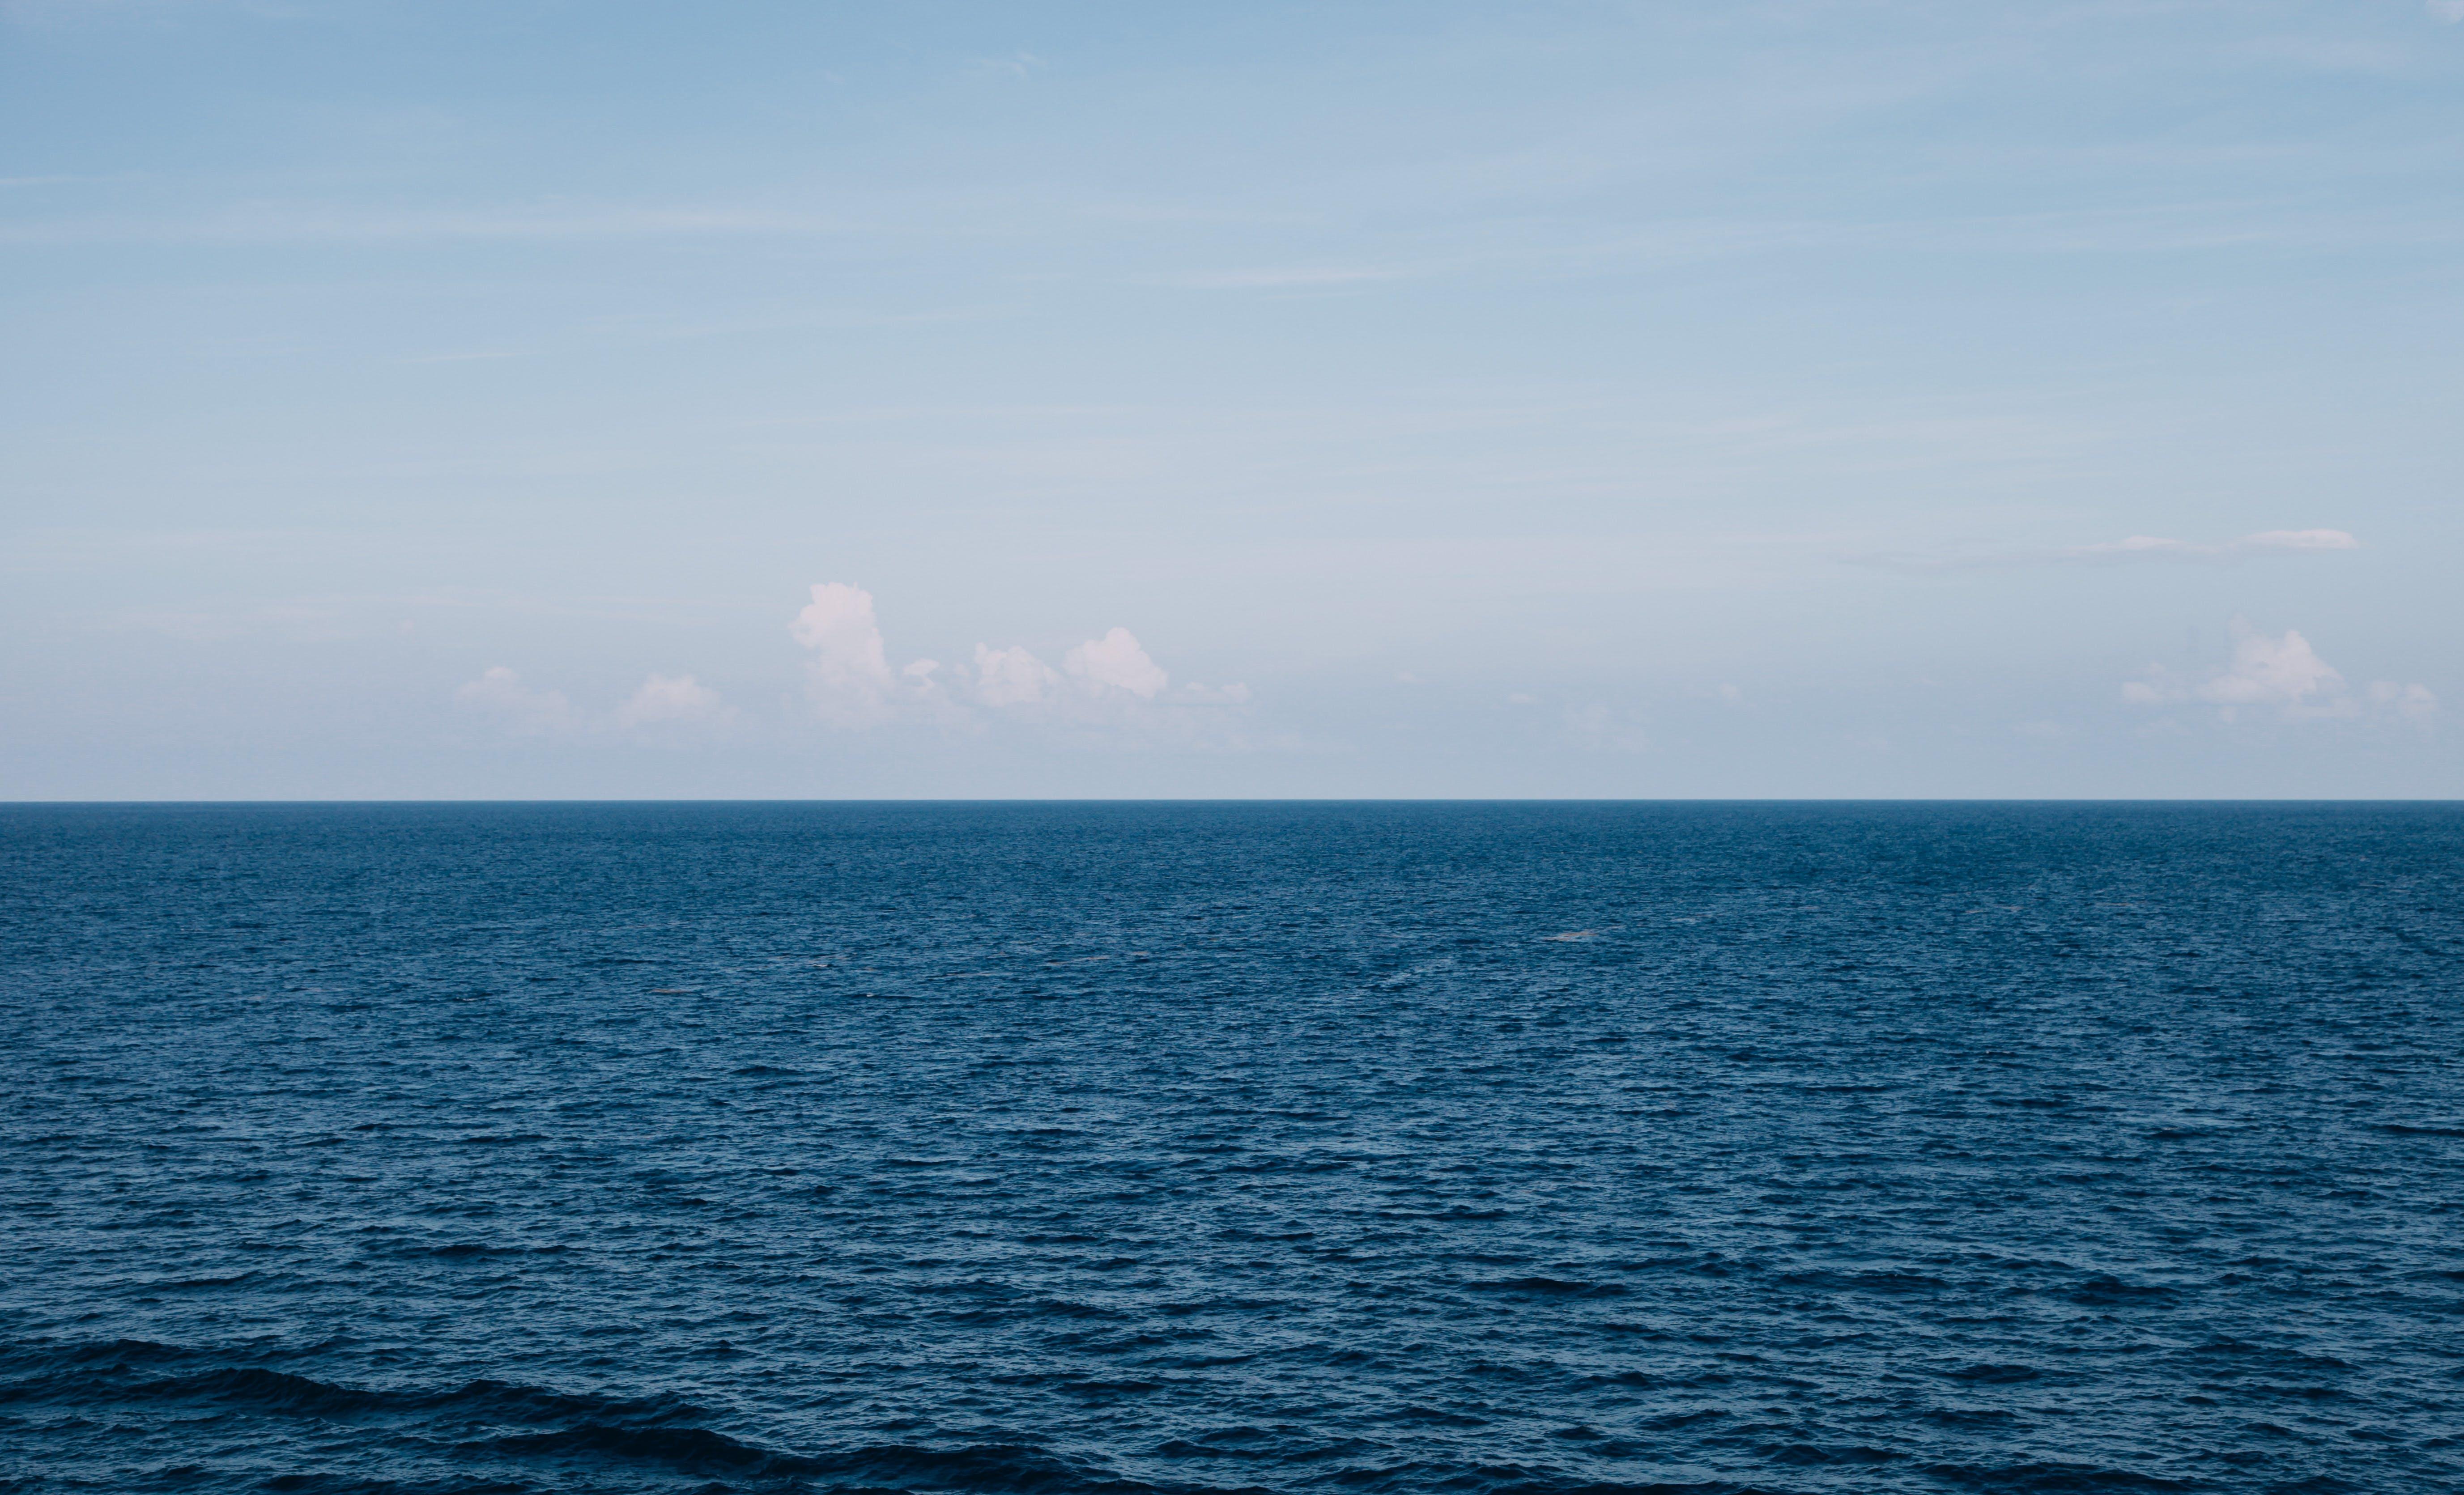 Δωρεάν στοκ φωτογραφιών με γαλάζια νερά, γραφικός, ειδυλλιακός, θάλασσα